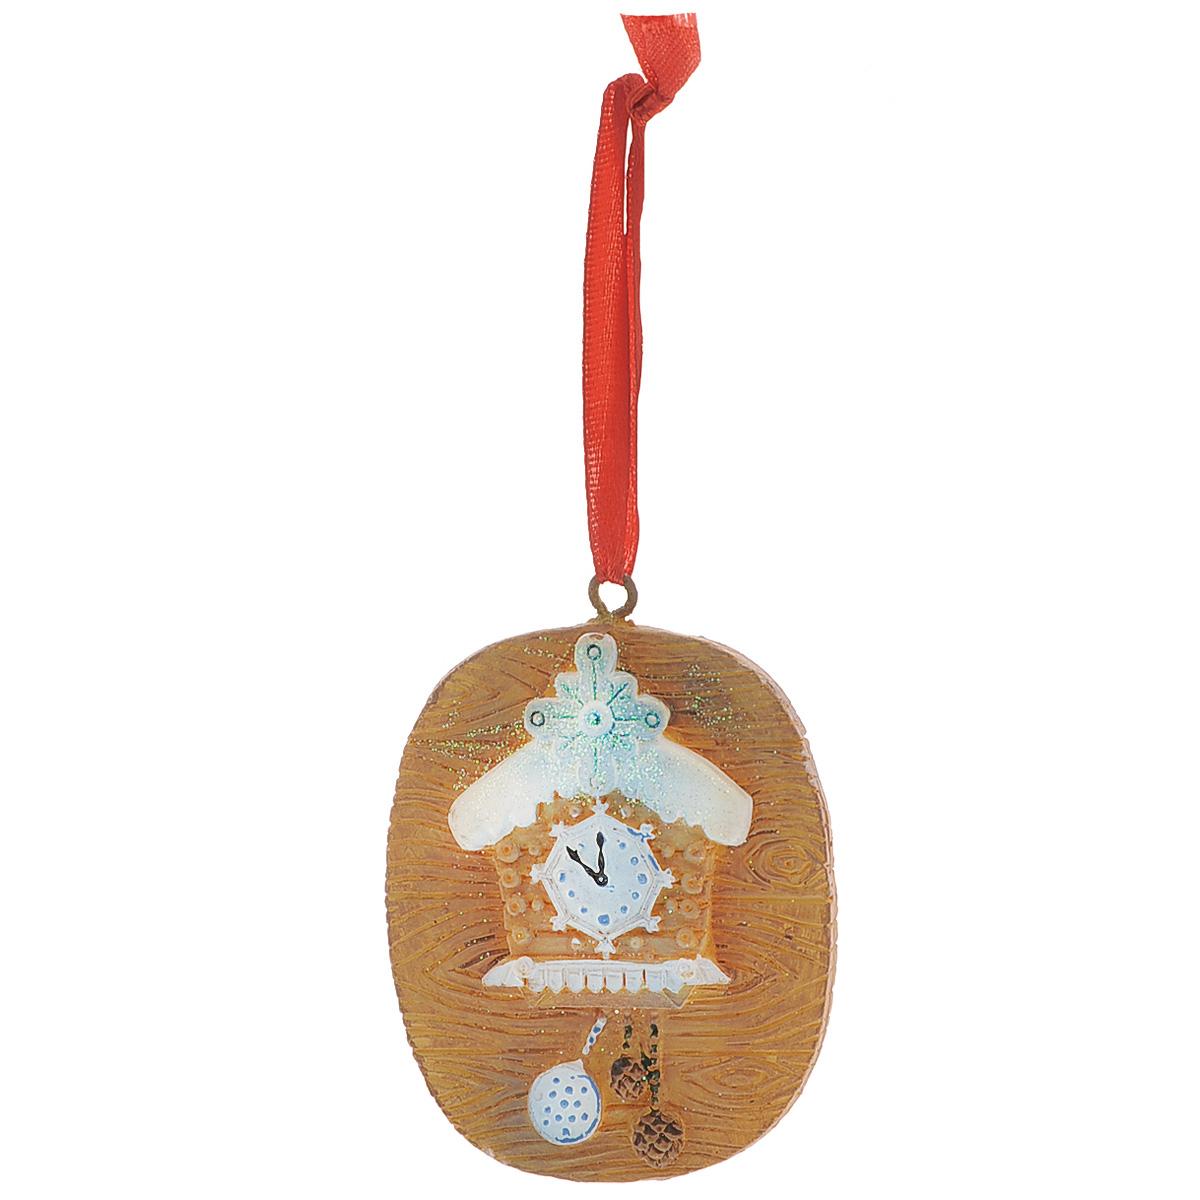 Новогоднее подвесное украшение Сказочные часы с шишками, цвет: коричневый. 34580K100Оригинальное новогоднее украшение из пластика прекрасно подойдет для праздничного декора дома и новогодней ели. Изделие крепится на елку с помощью металлического зажима.